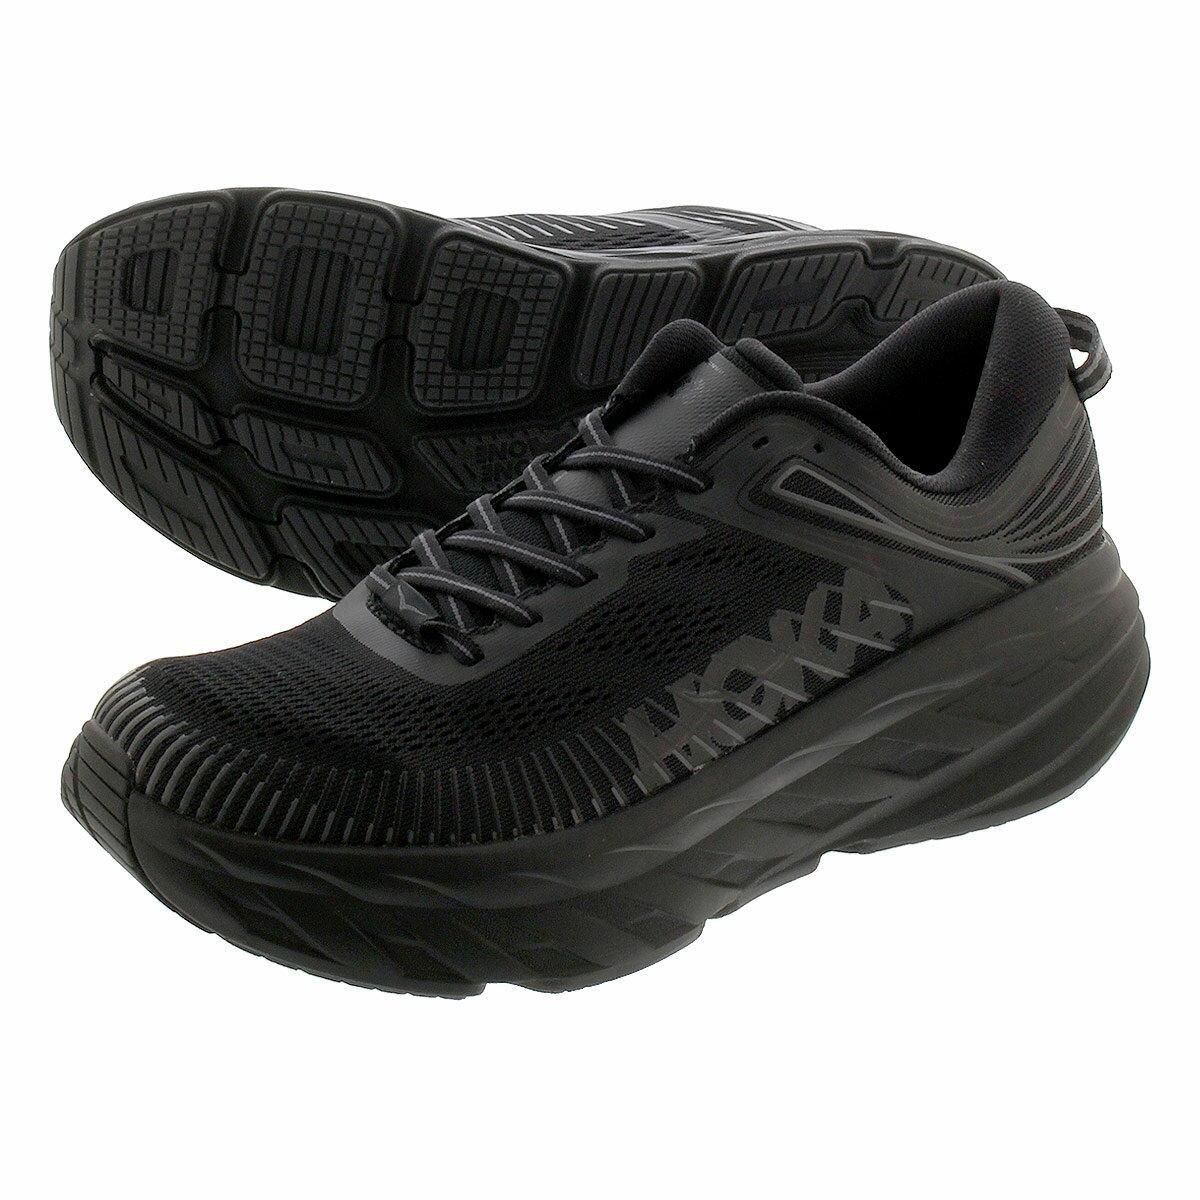 メンズ靴, スニーカー HOKA ONE ONE BONDI 7 7 BLACKBLACK 1110518-bblc